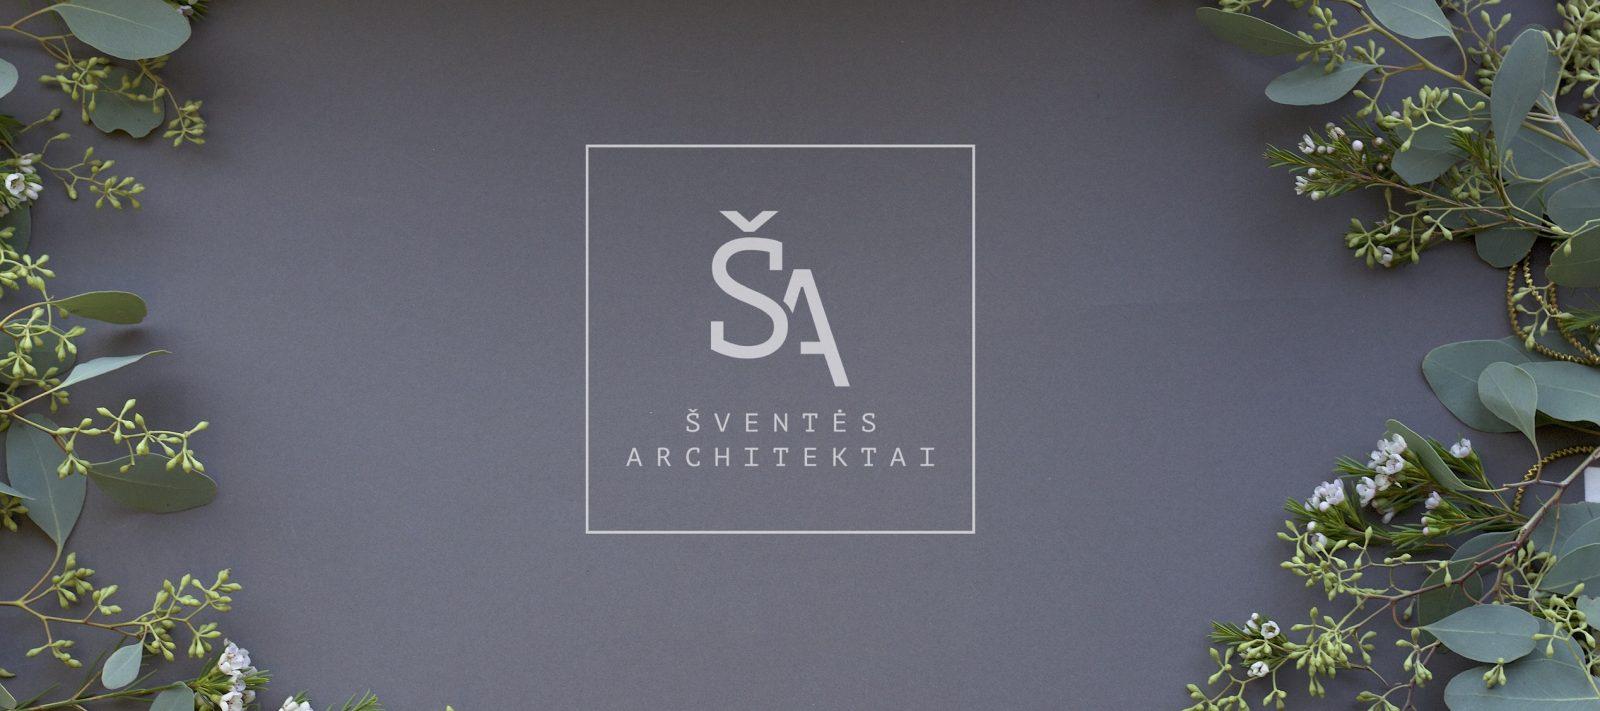 Šventės architektai